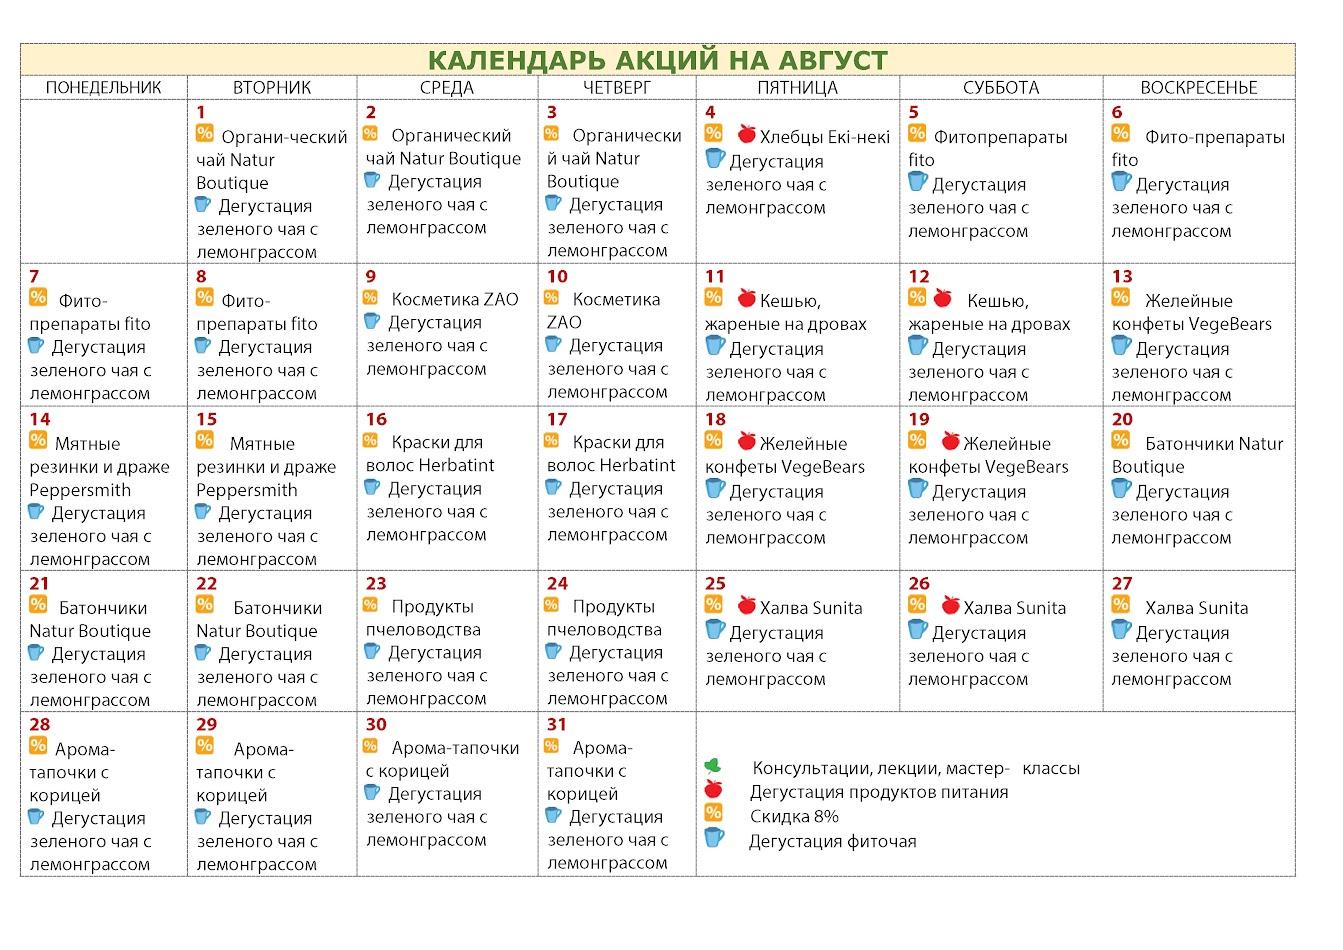 Календарь акций Натур Бутик